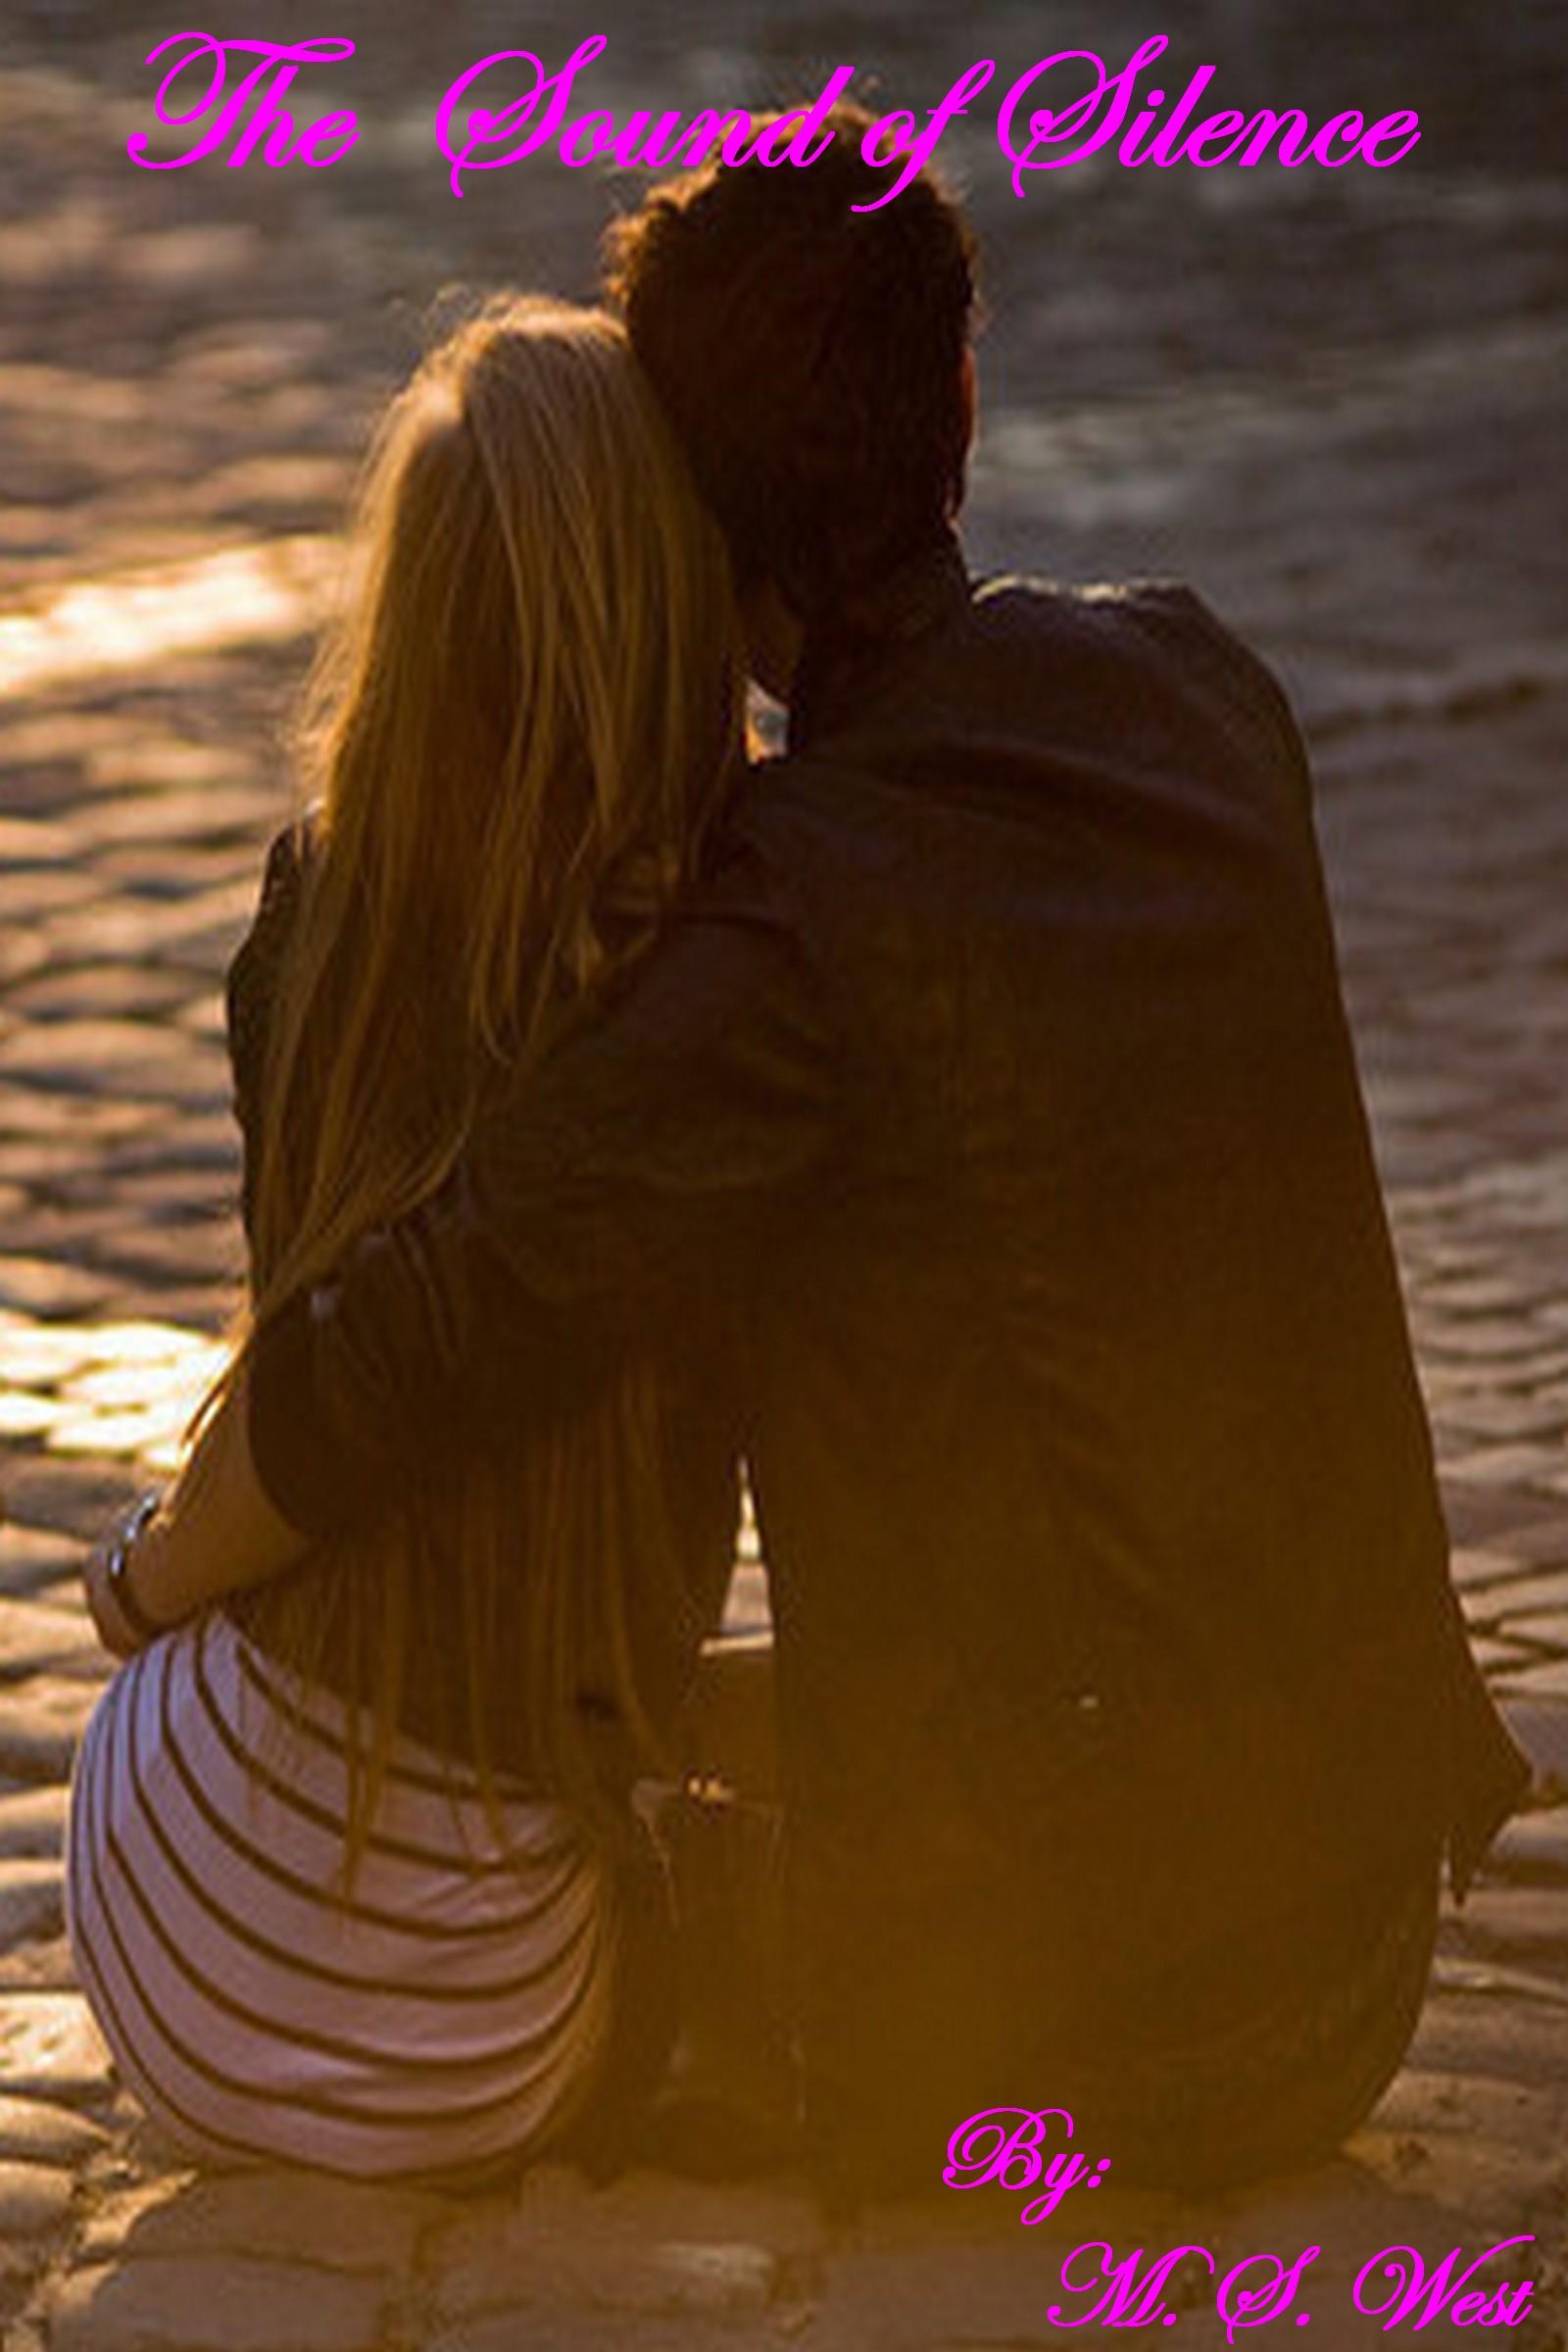 Фото парня и девушки влюбленных со спины на аву летом